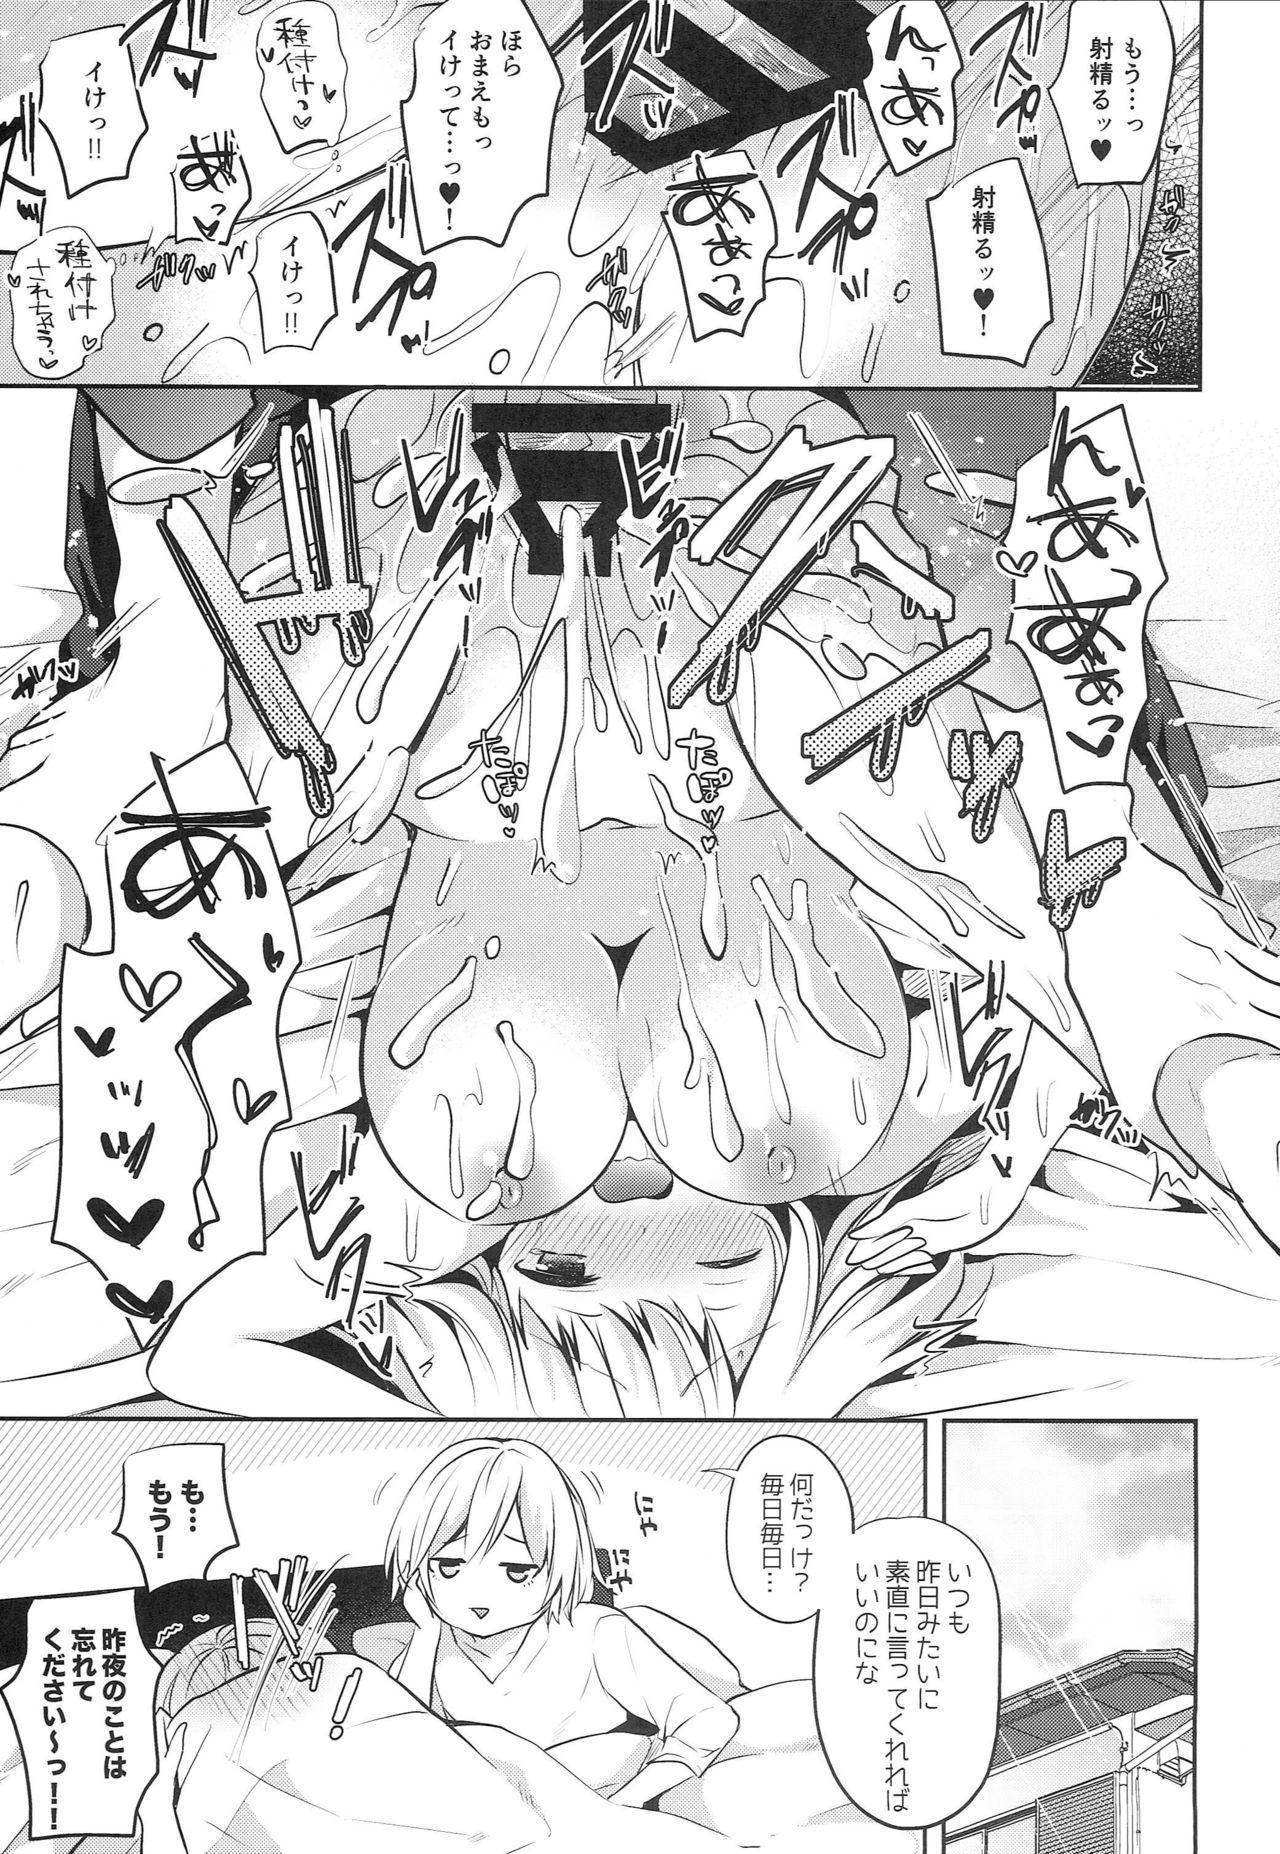 Hisashiburi ni Senpai ni Attara Ippai Amayakashite Kuremashita. 15